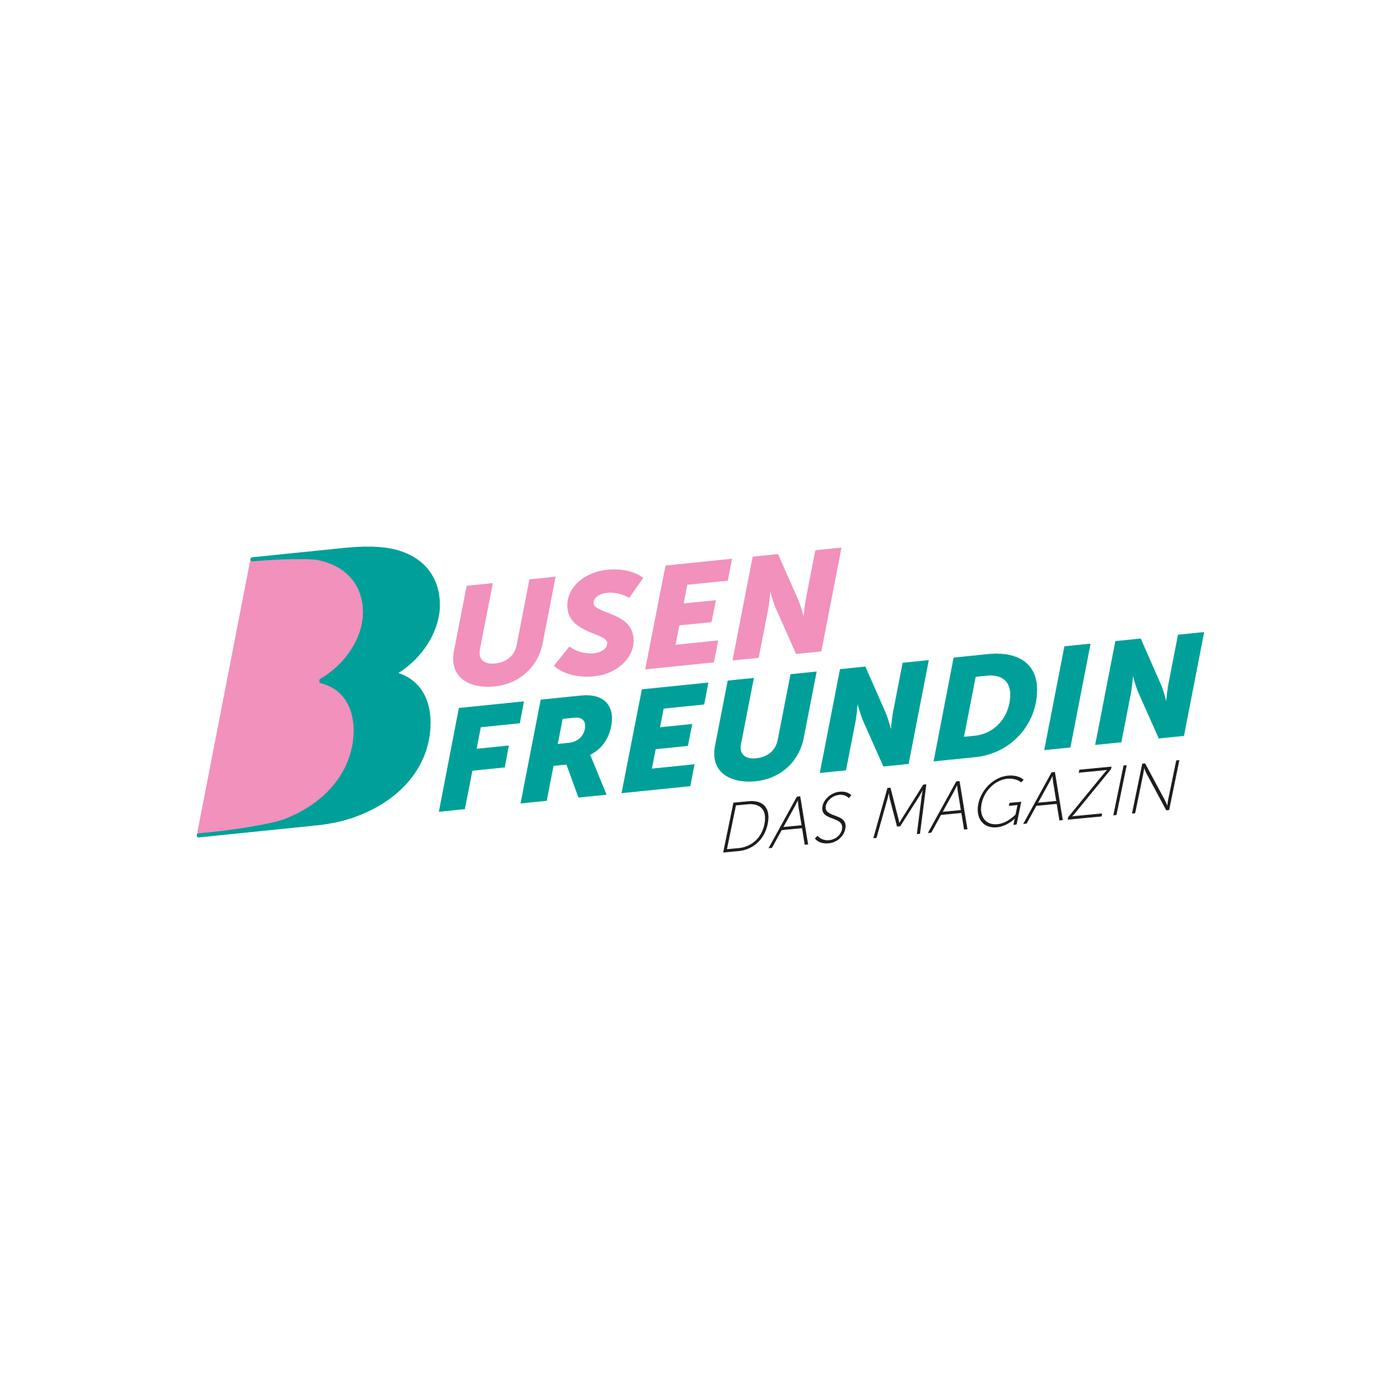 busenfreundin podcast